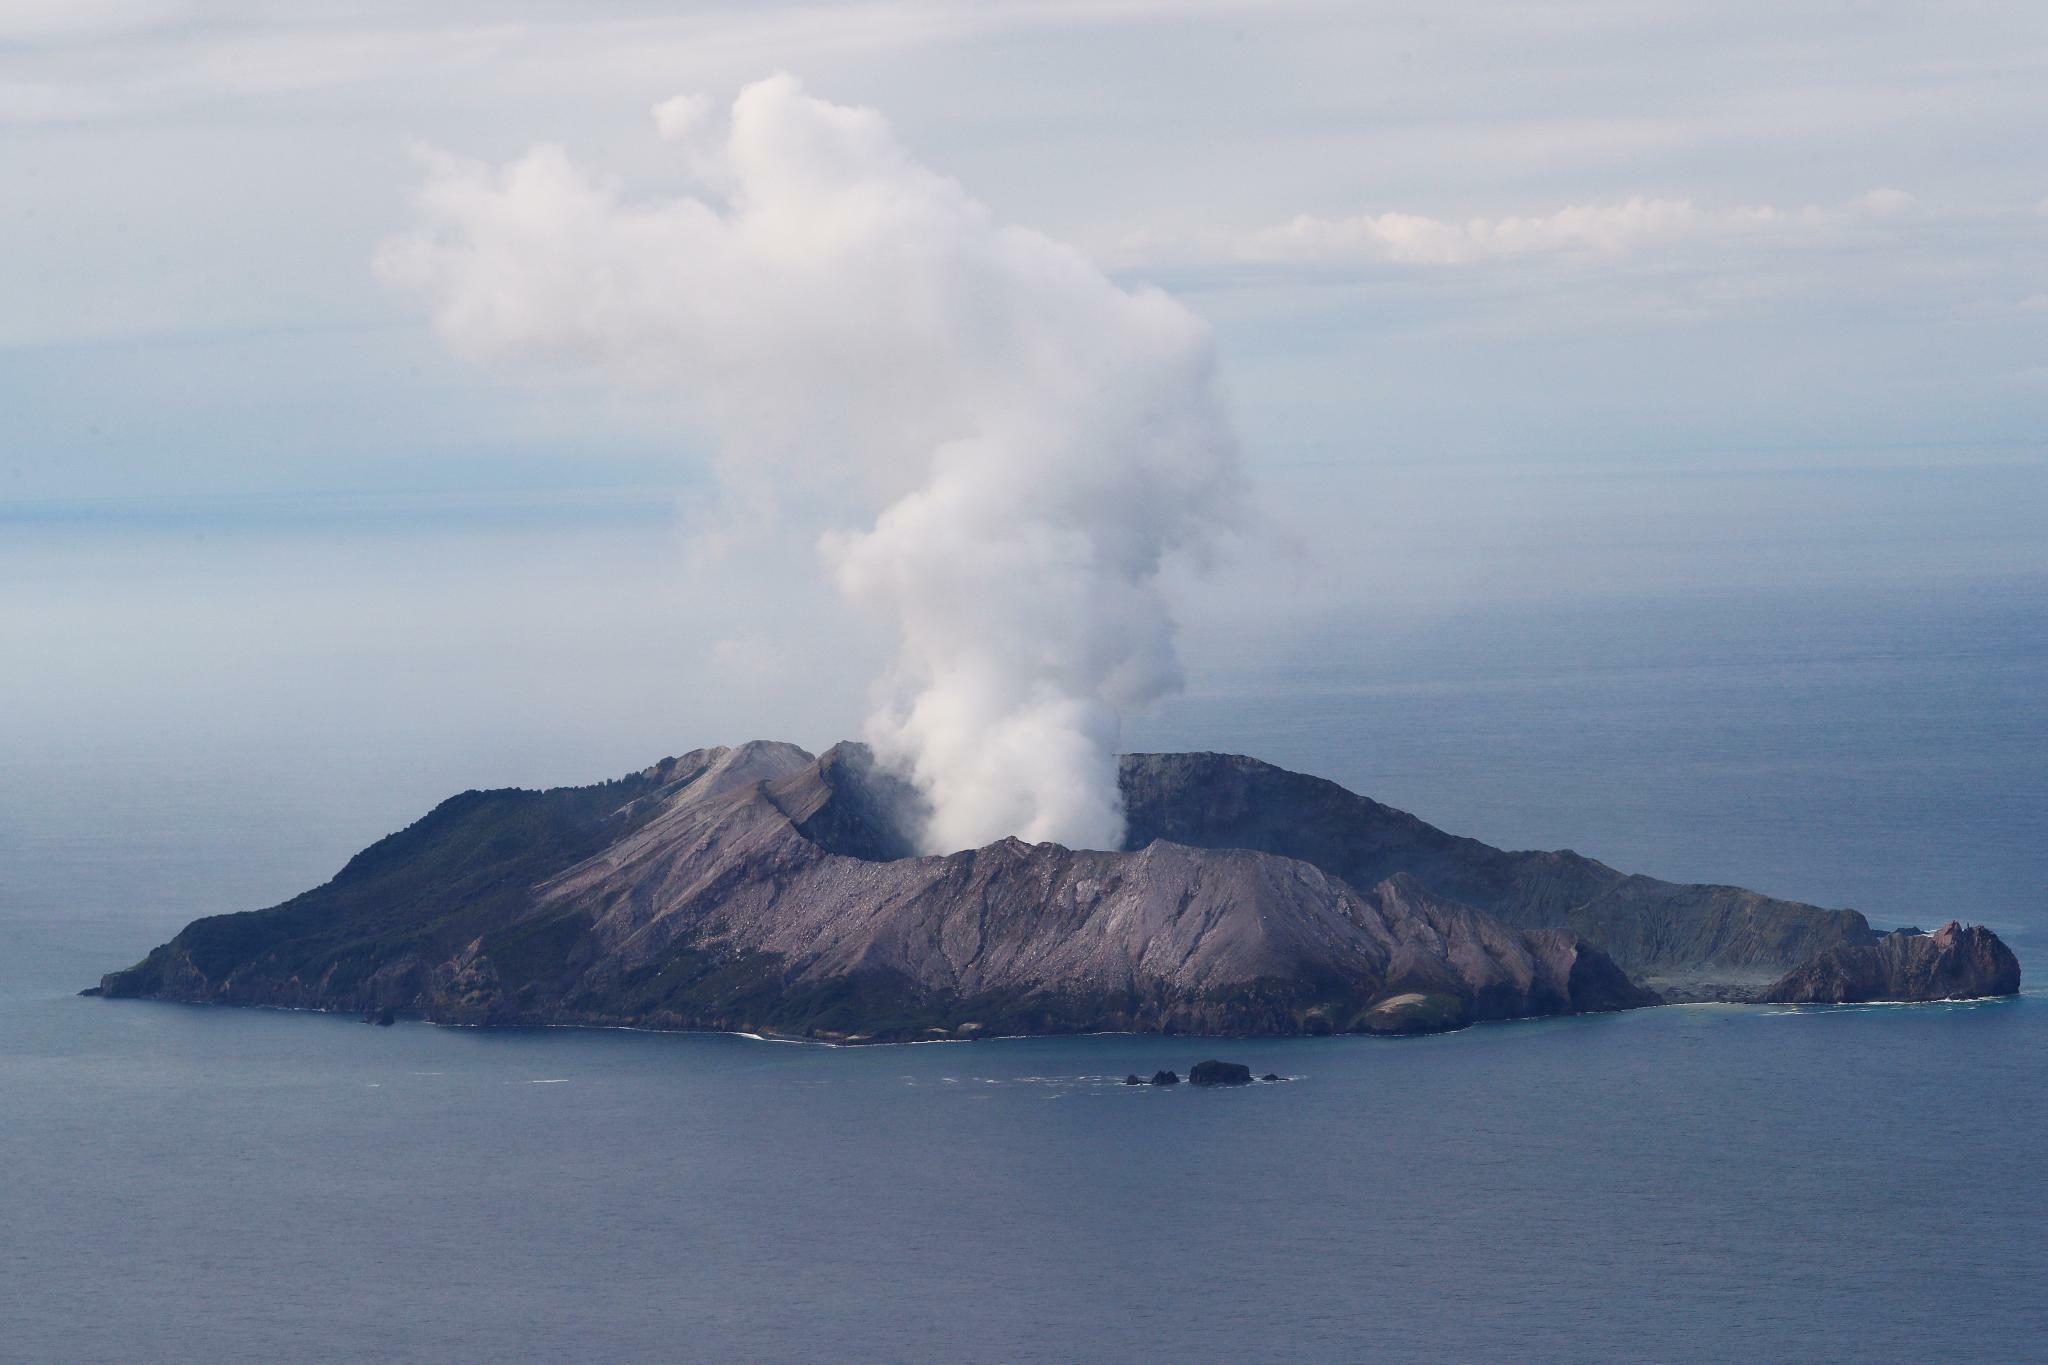 Vulkanausbruch Auf White Island: Neuseeland Plant Riskante bei Was Passiert Bei Einem Vulkanausbruch